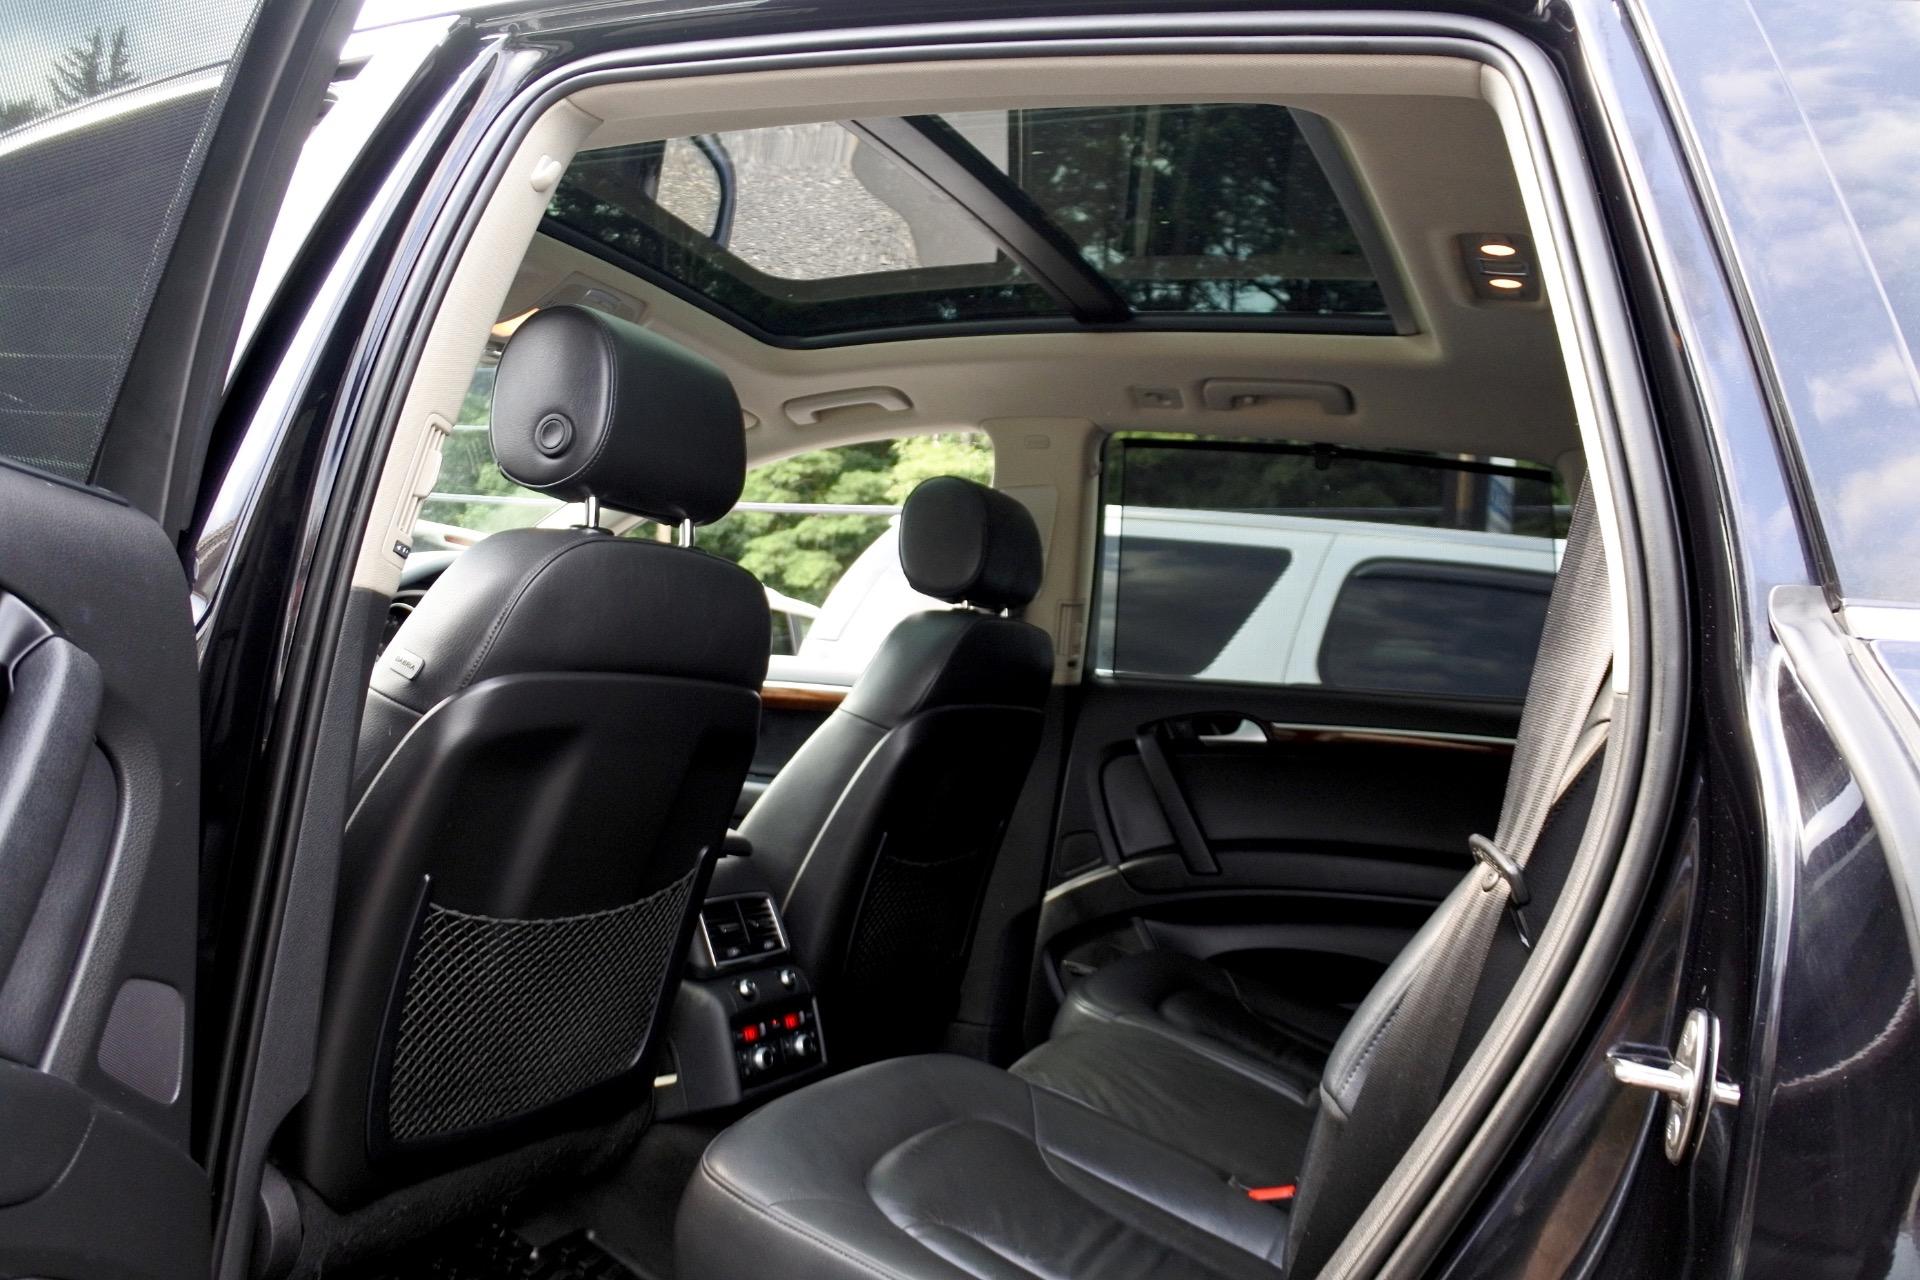 Used 2013 Audi Q7 TDI Premium Plus Used 2013 Audi Q7 TDI Premium Plus for sale  at Metro West Motorcars LLC in Shrewsbury MA 15